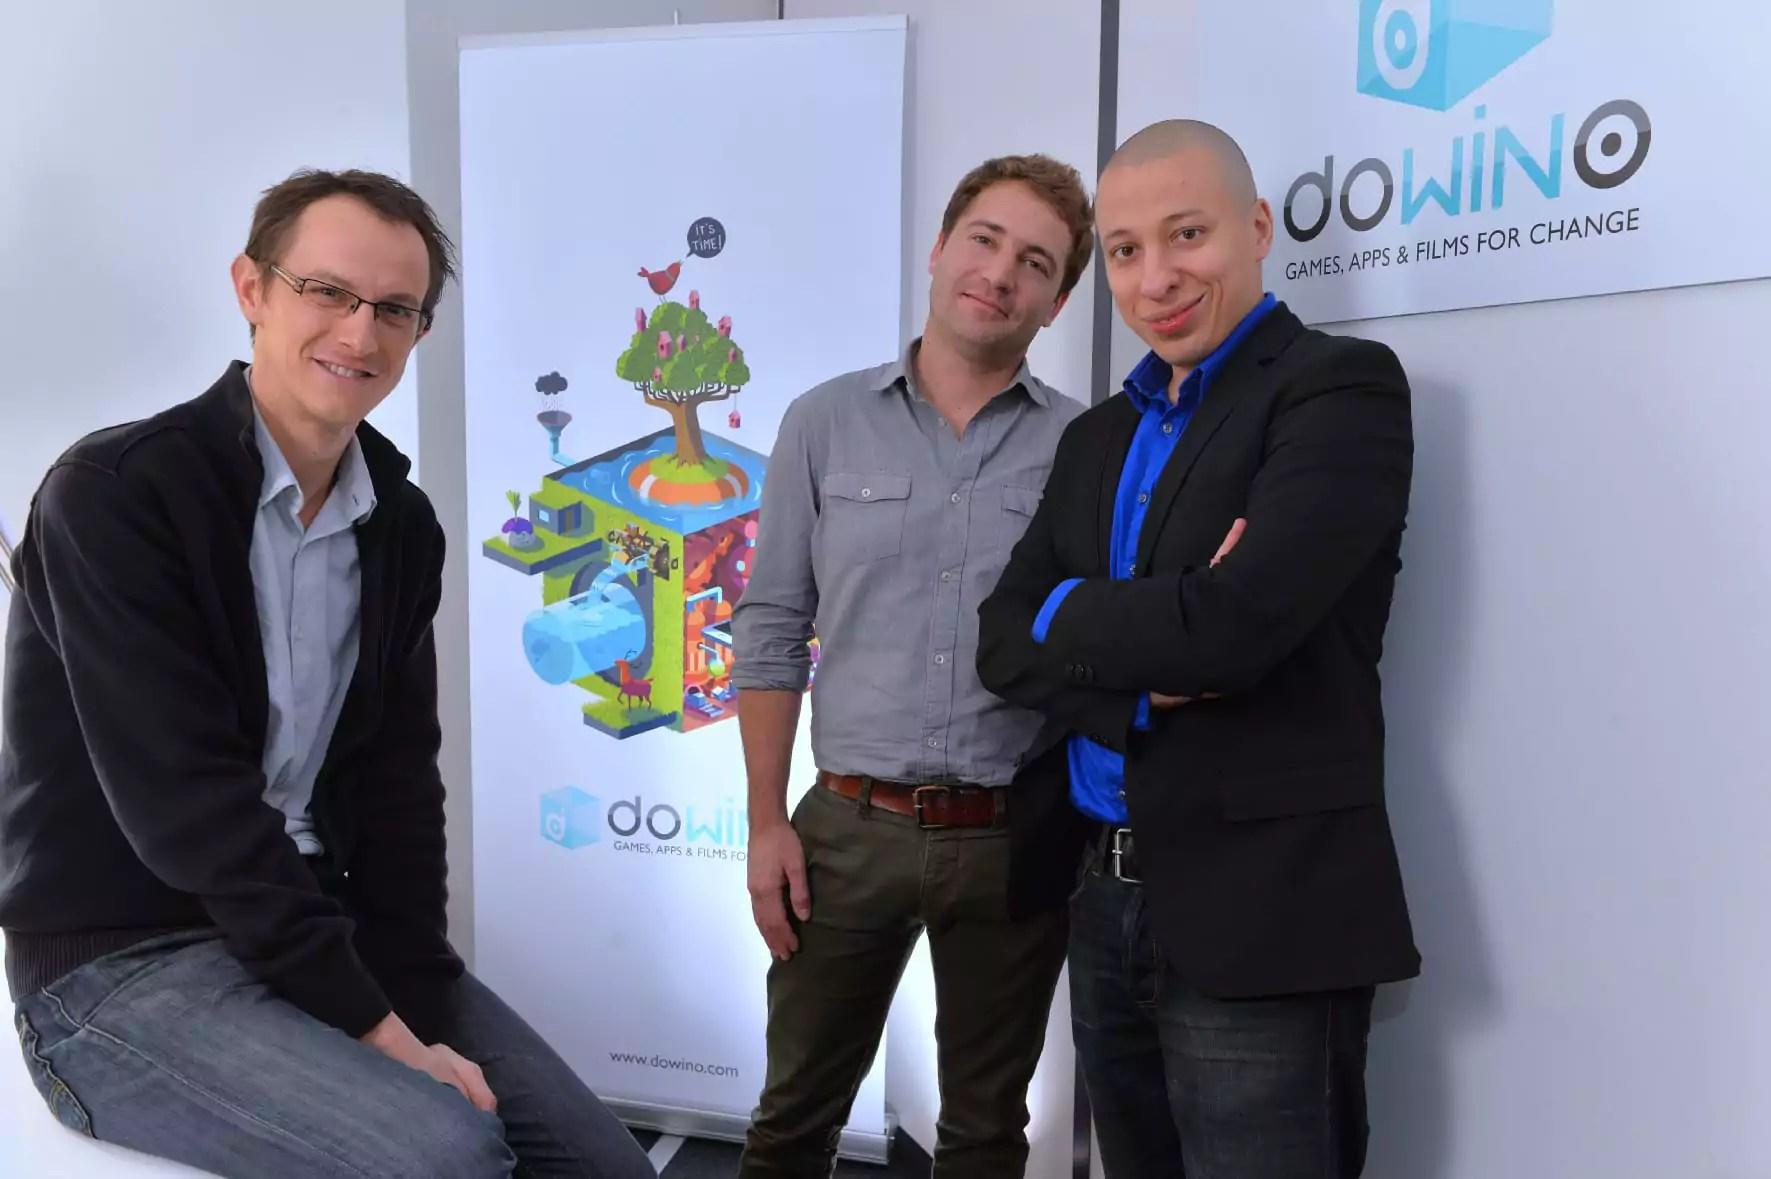 Les trois fondateurs de Dowino : Pierre-Alain Gagne, Jérôme Cattenot et Nordine Ghachi.